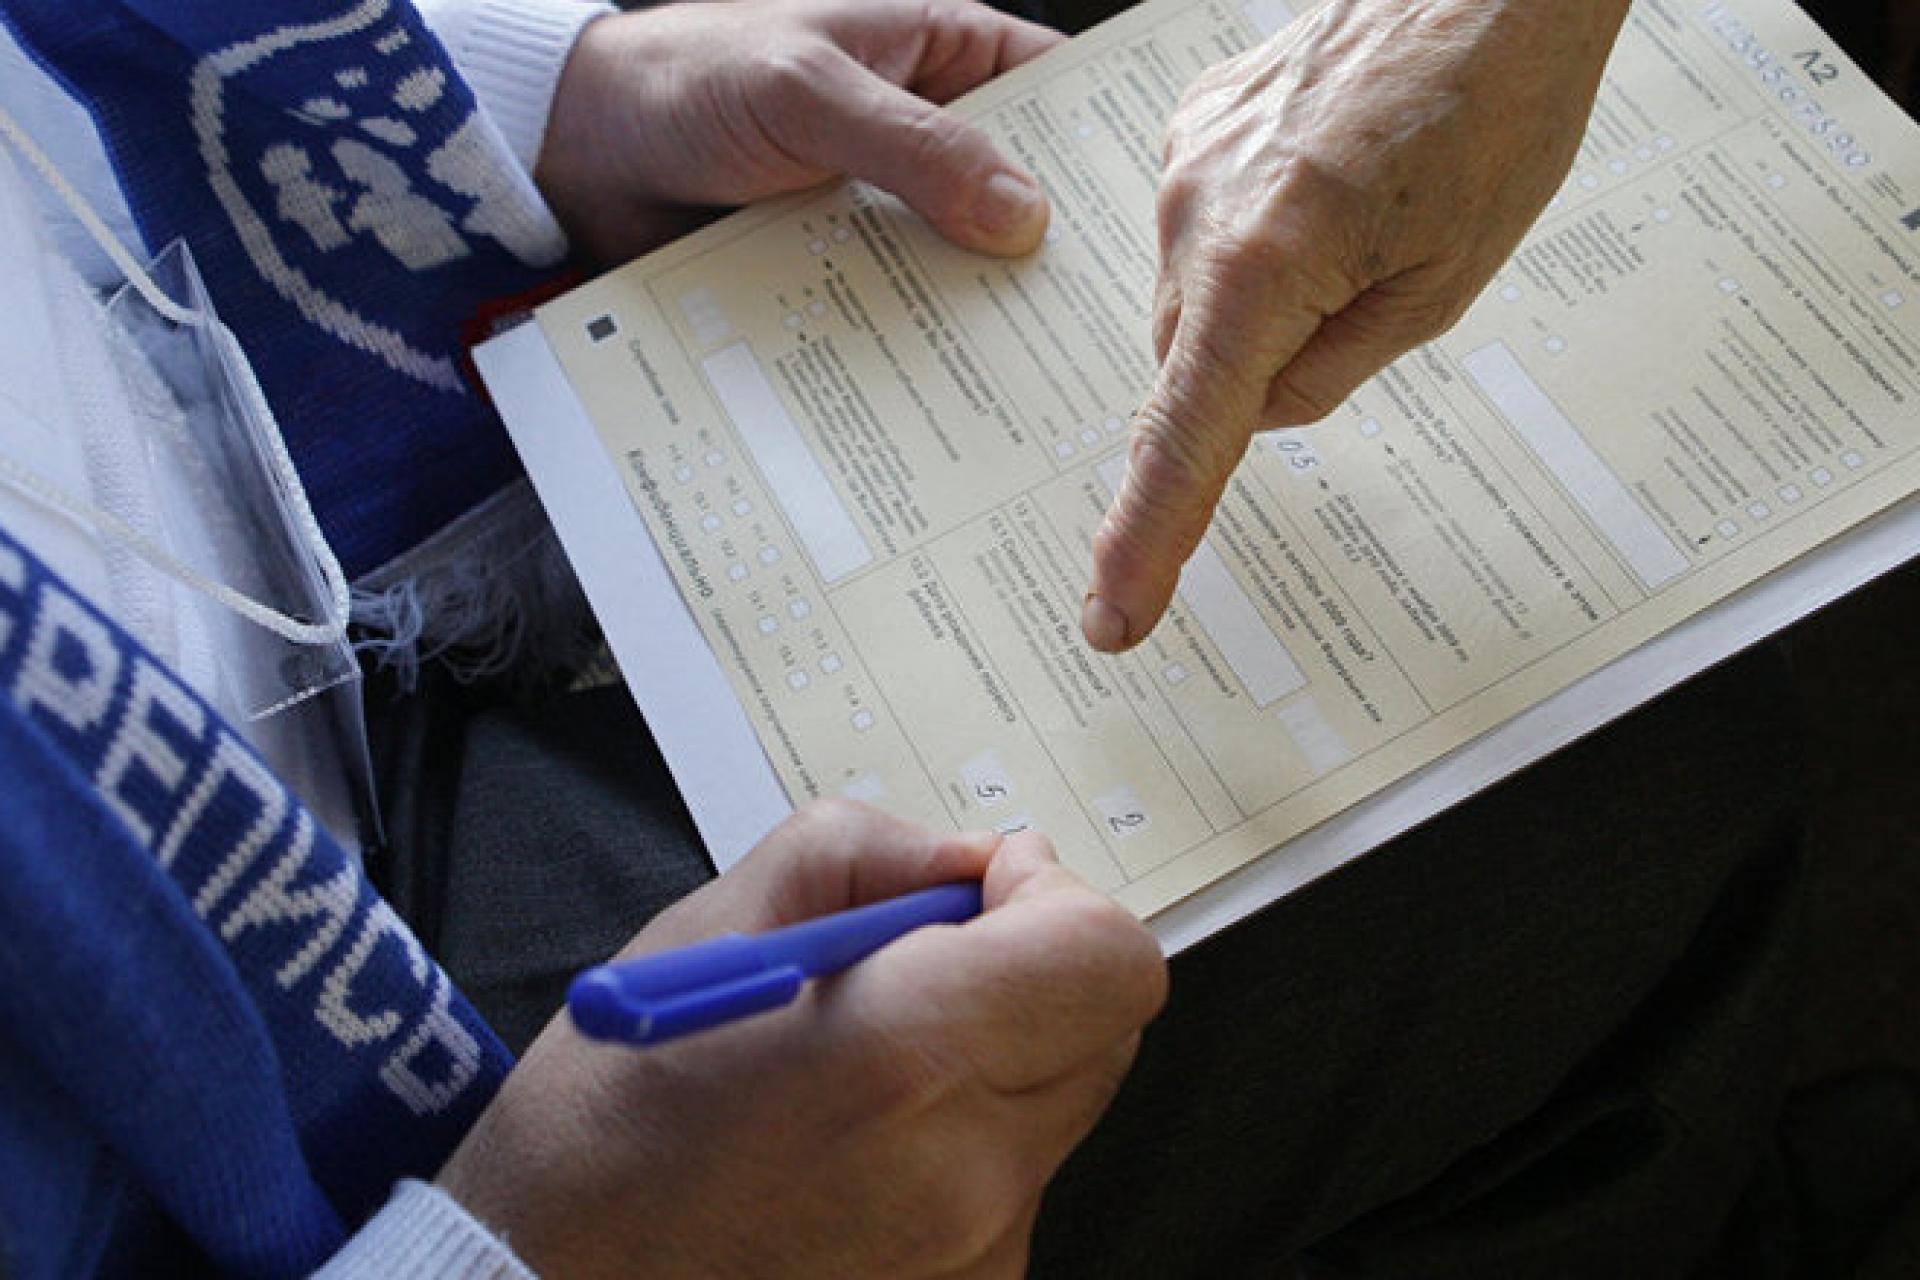 В переписи населения будут участвовать петербургские студенты из 24 вузов